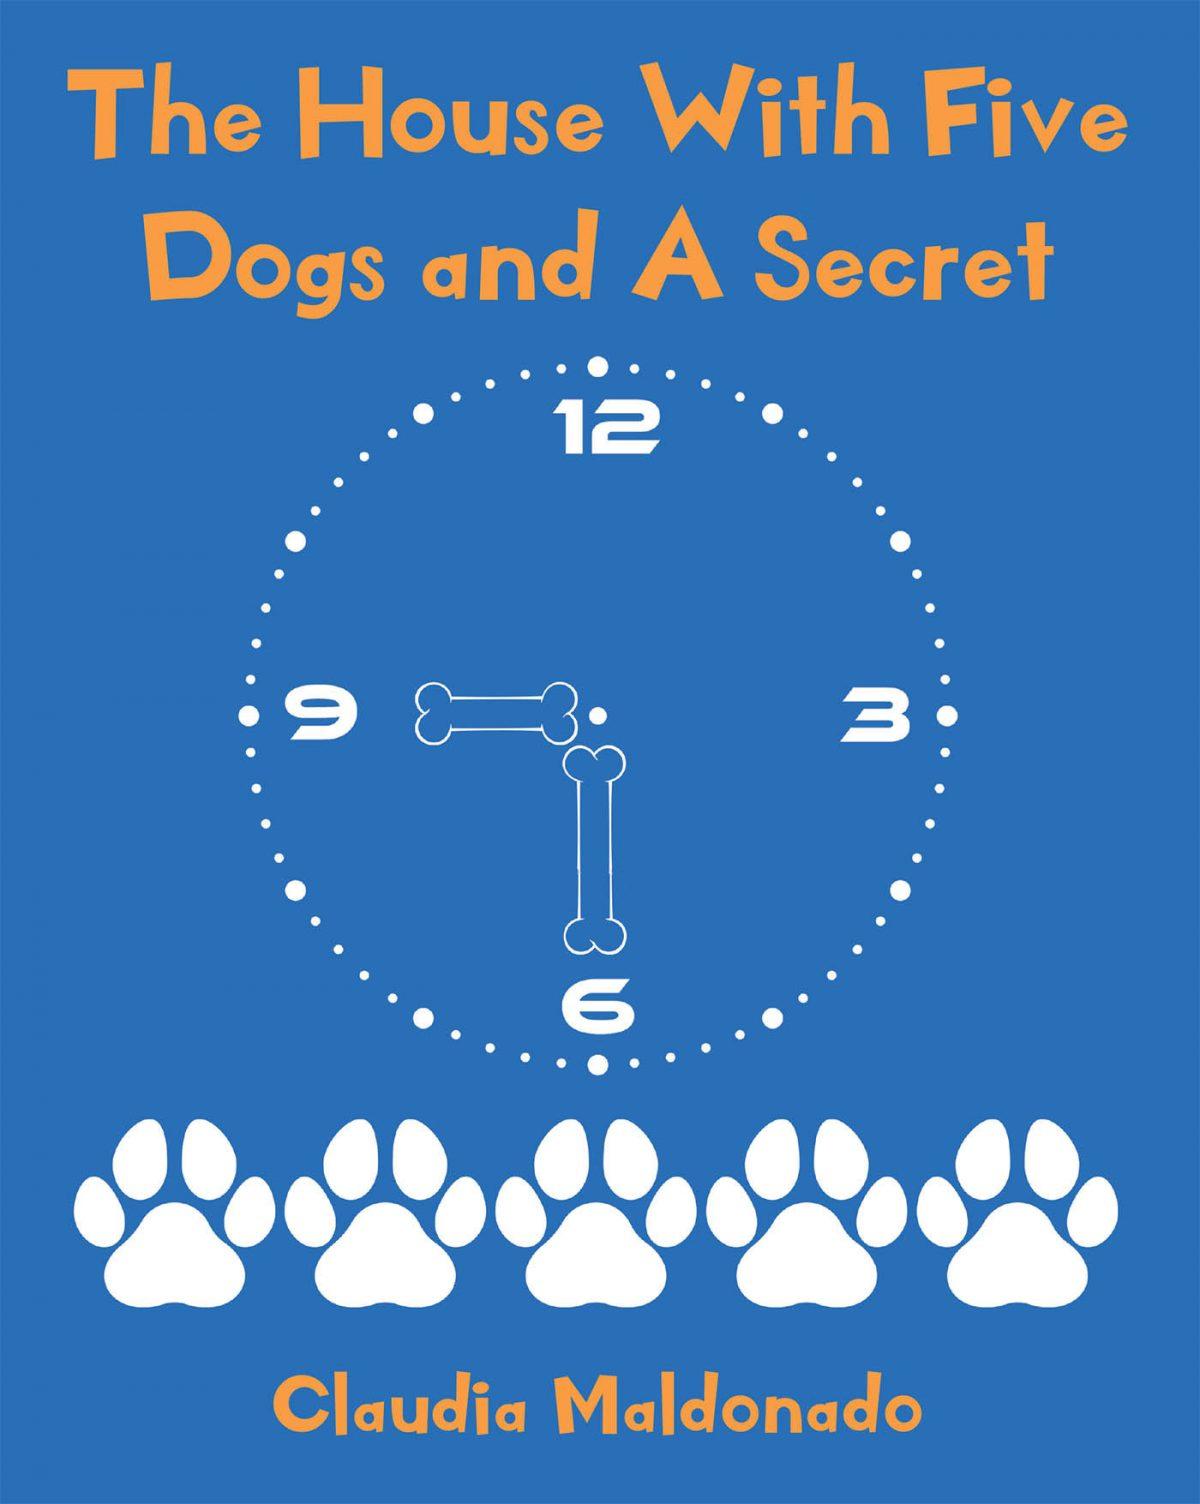 El Nuevo Libro De Claudia Maldonado, The House With 5 Dogs And A Secret, Una Fantástica Obra Donde Los Niños Se Divertirán